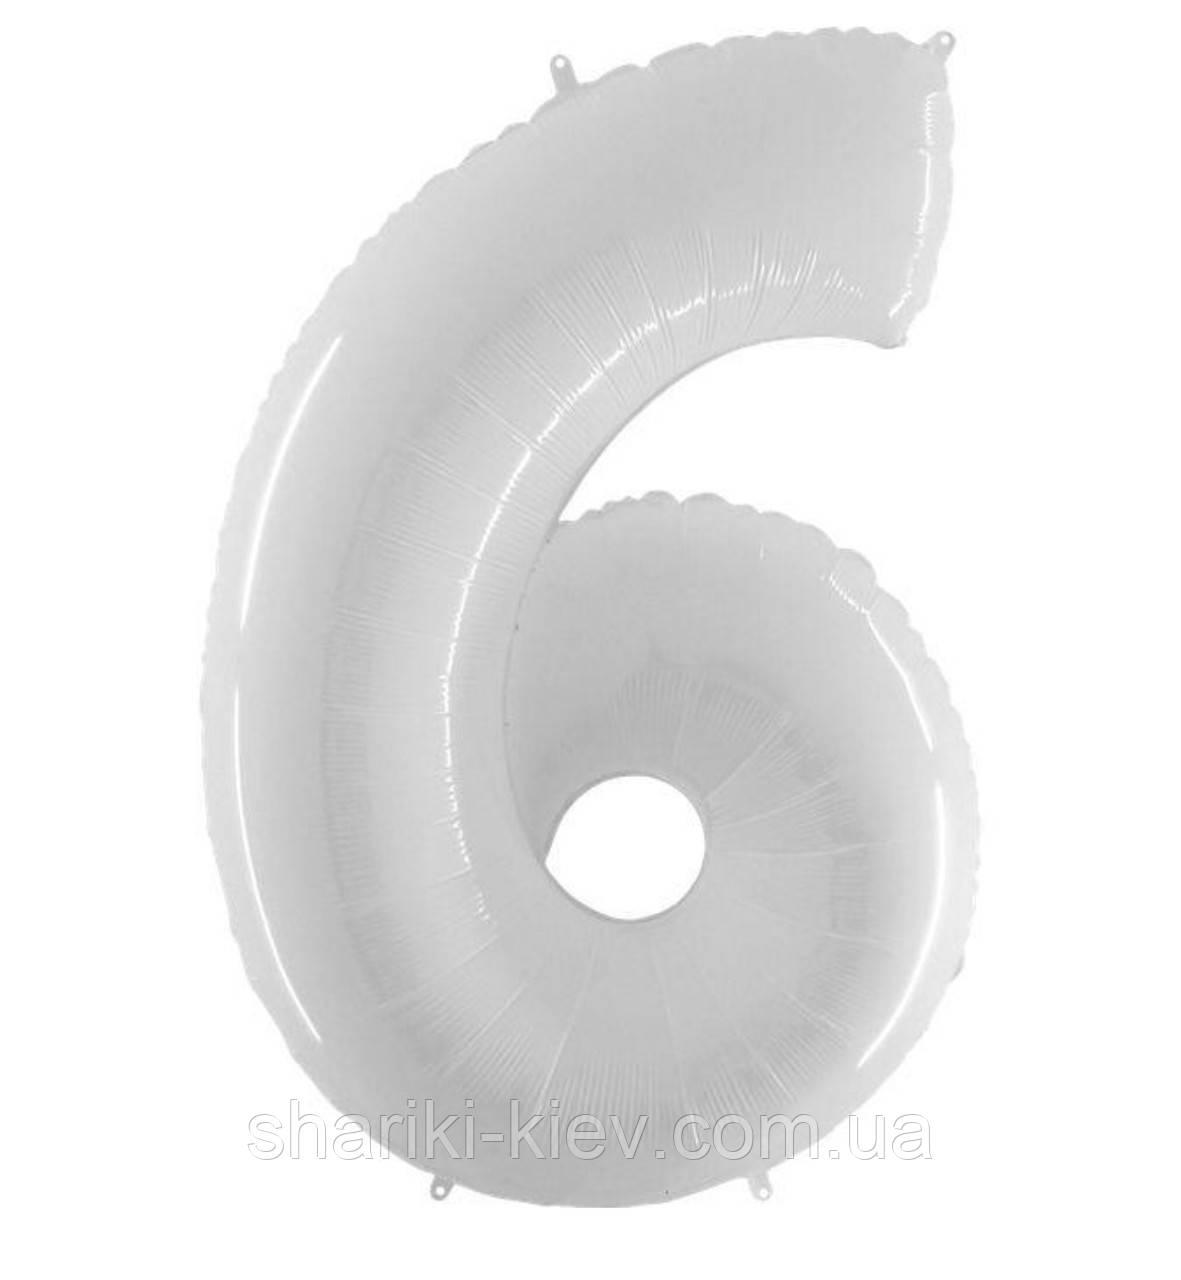 Цифра 6 Белая с Гелием Фольгированная